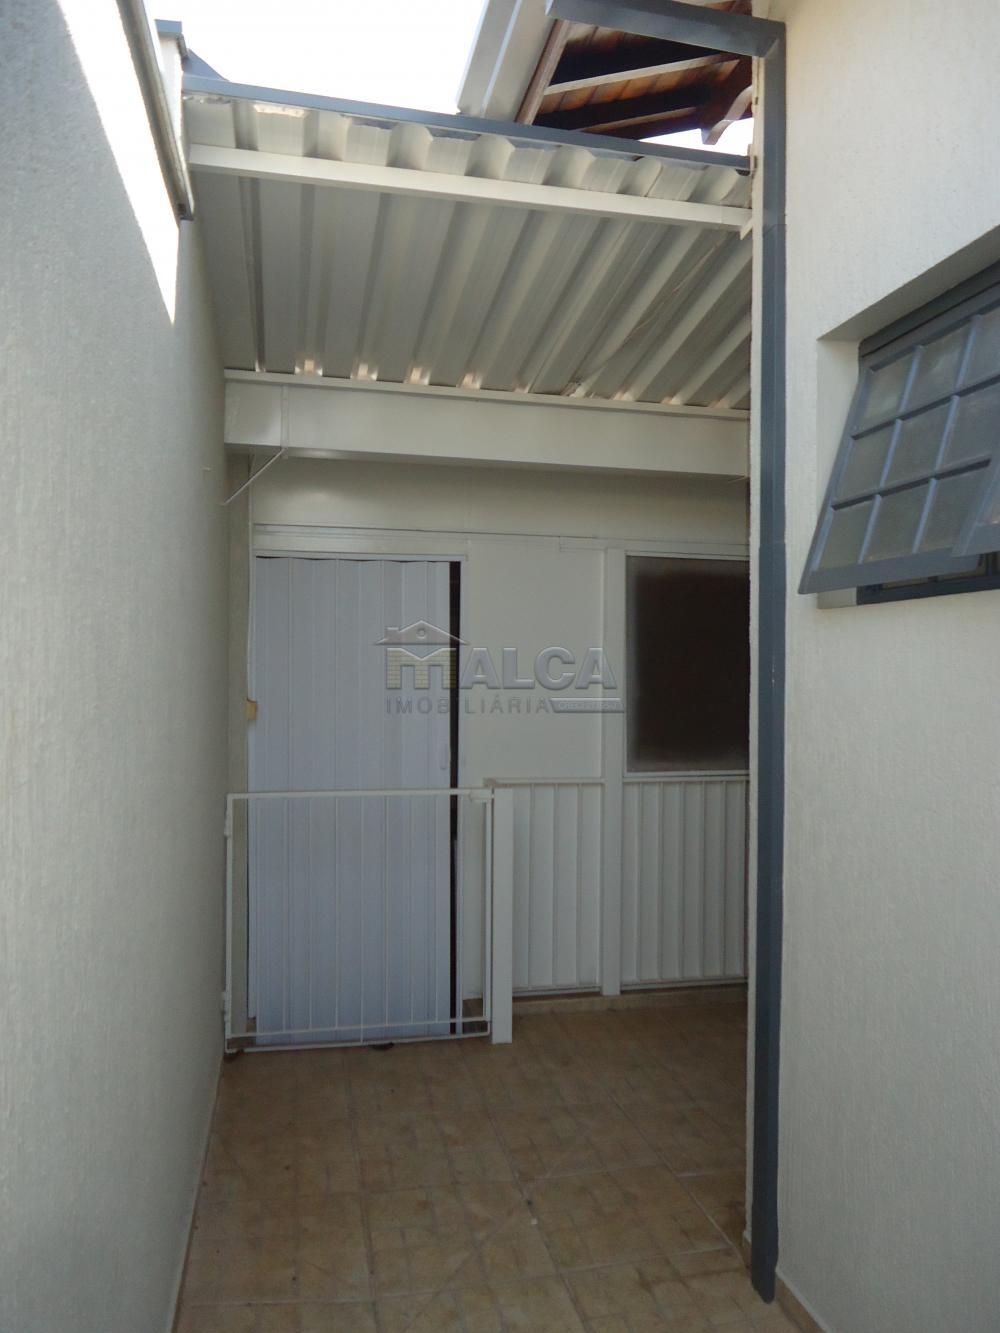 Alugar Casas / Padrão em São José do Rio Pardo apenas R$ 2.450,00 - Foto 43